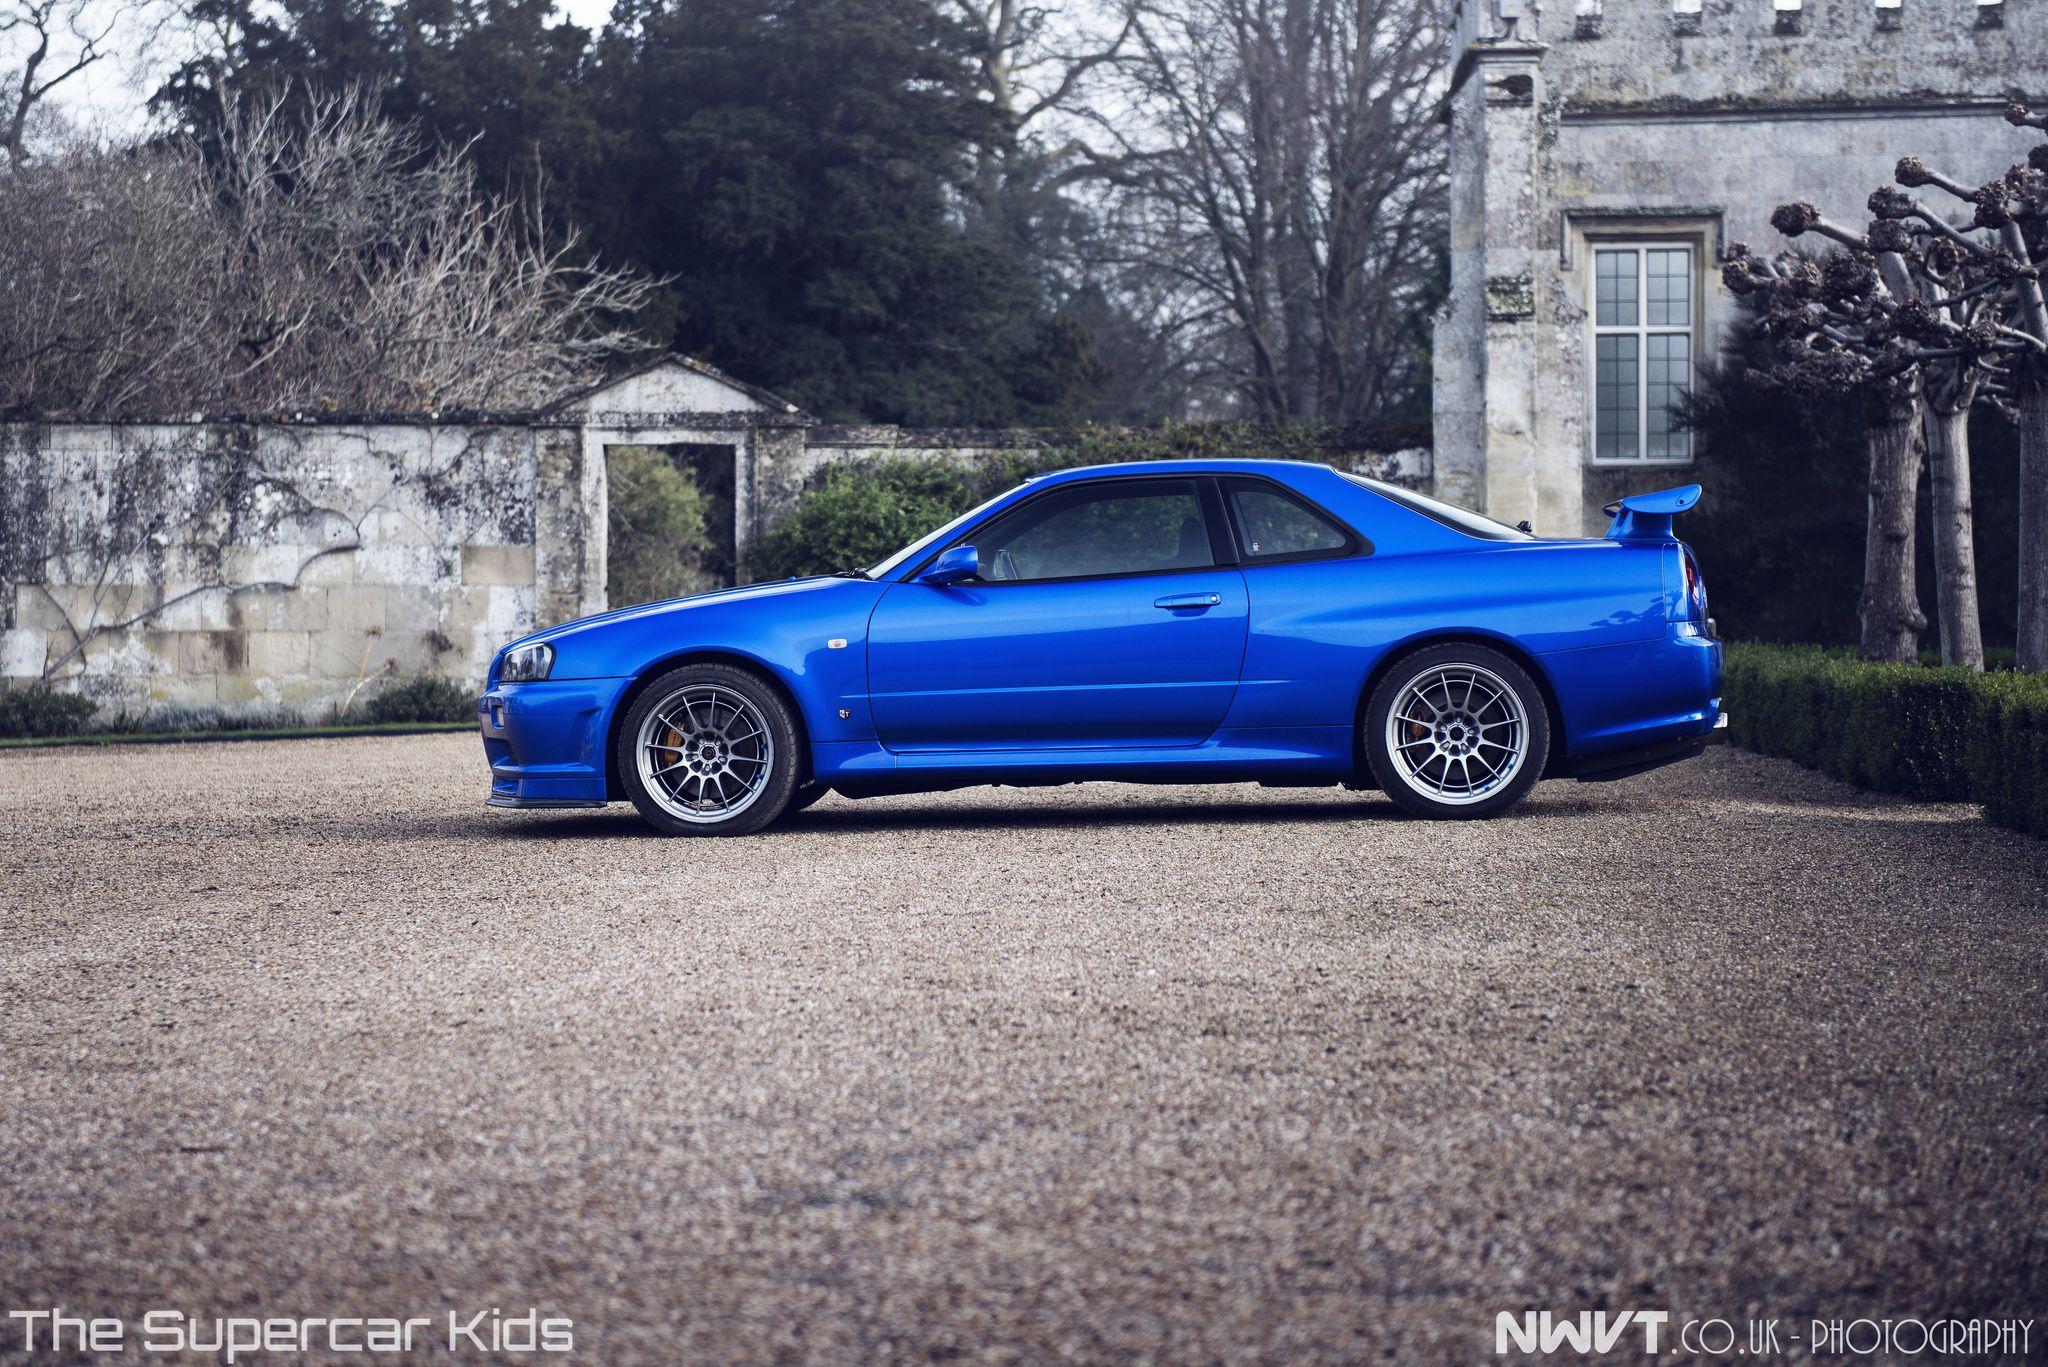 Https://flic.kr/p/dyv7d2 | Nissan Skyline R34 GTR